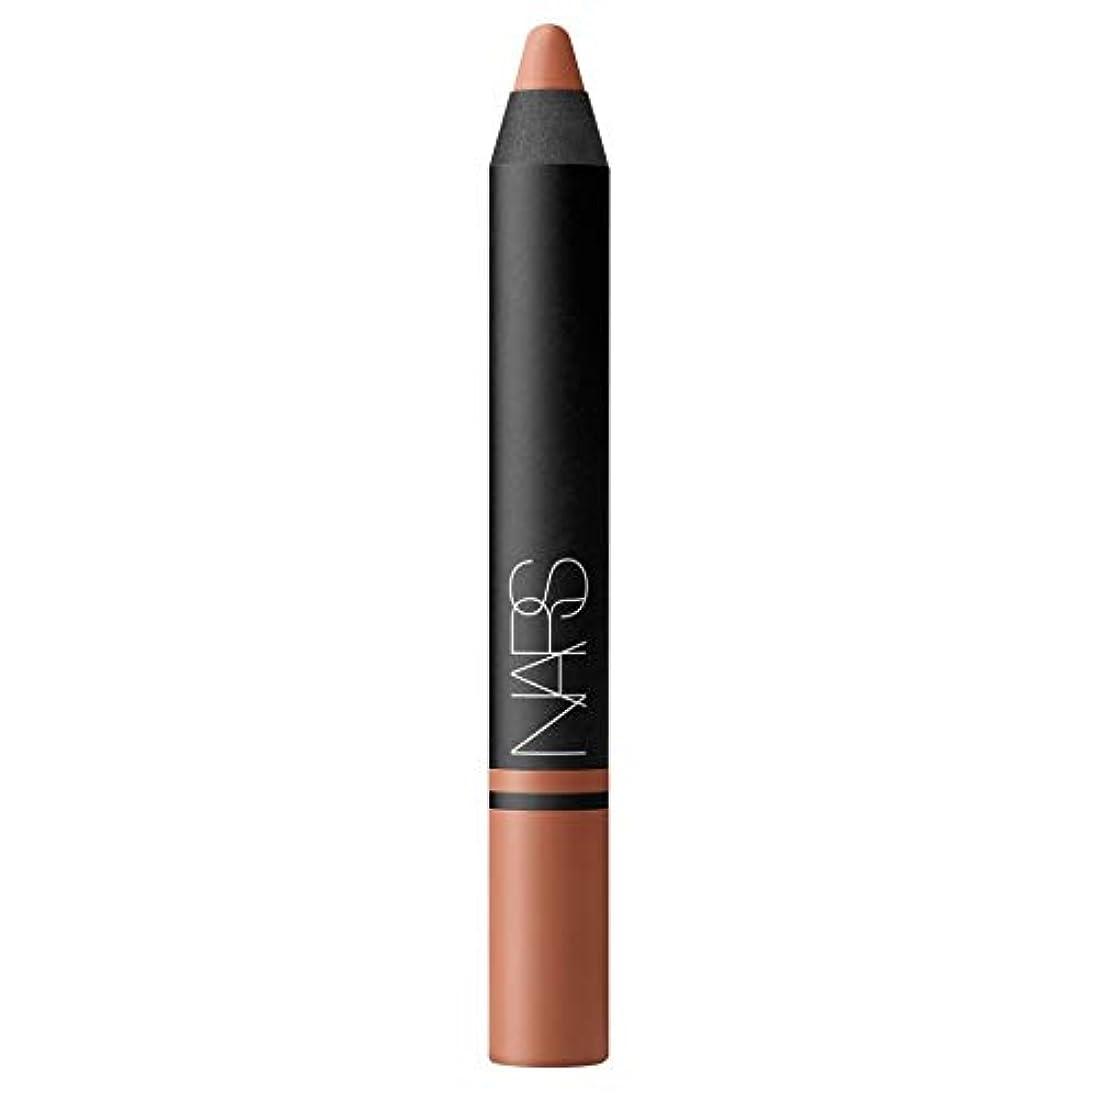 試みるに渡って餌[NARS] ベッラ島でのNarサテンリップペンシル - Nars Satin Lip Pencil in Isola Bella [並行輸入品]